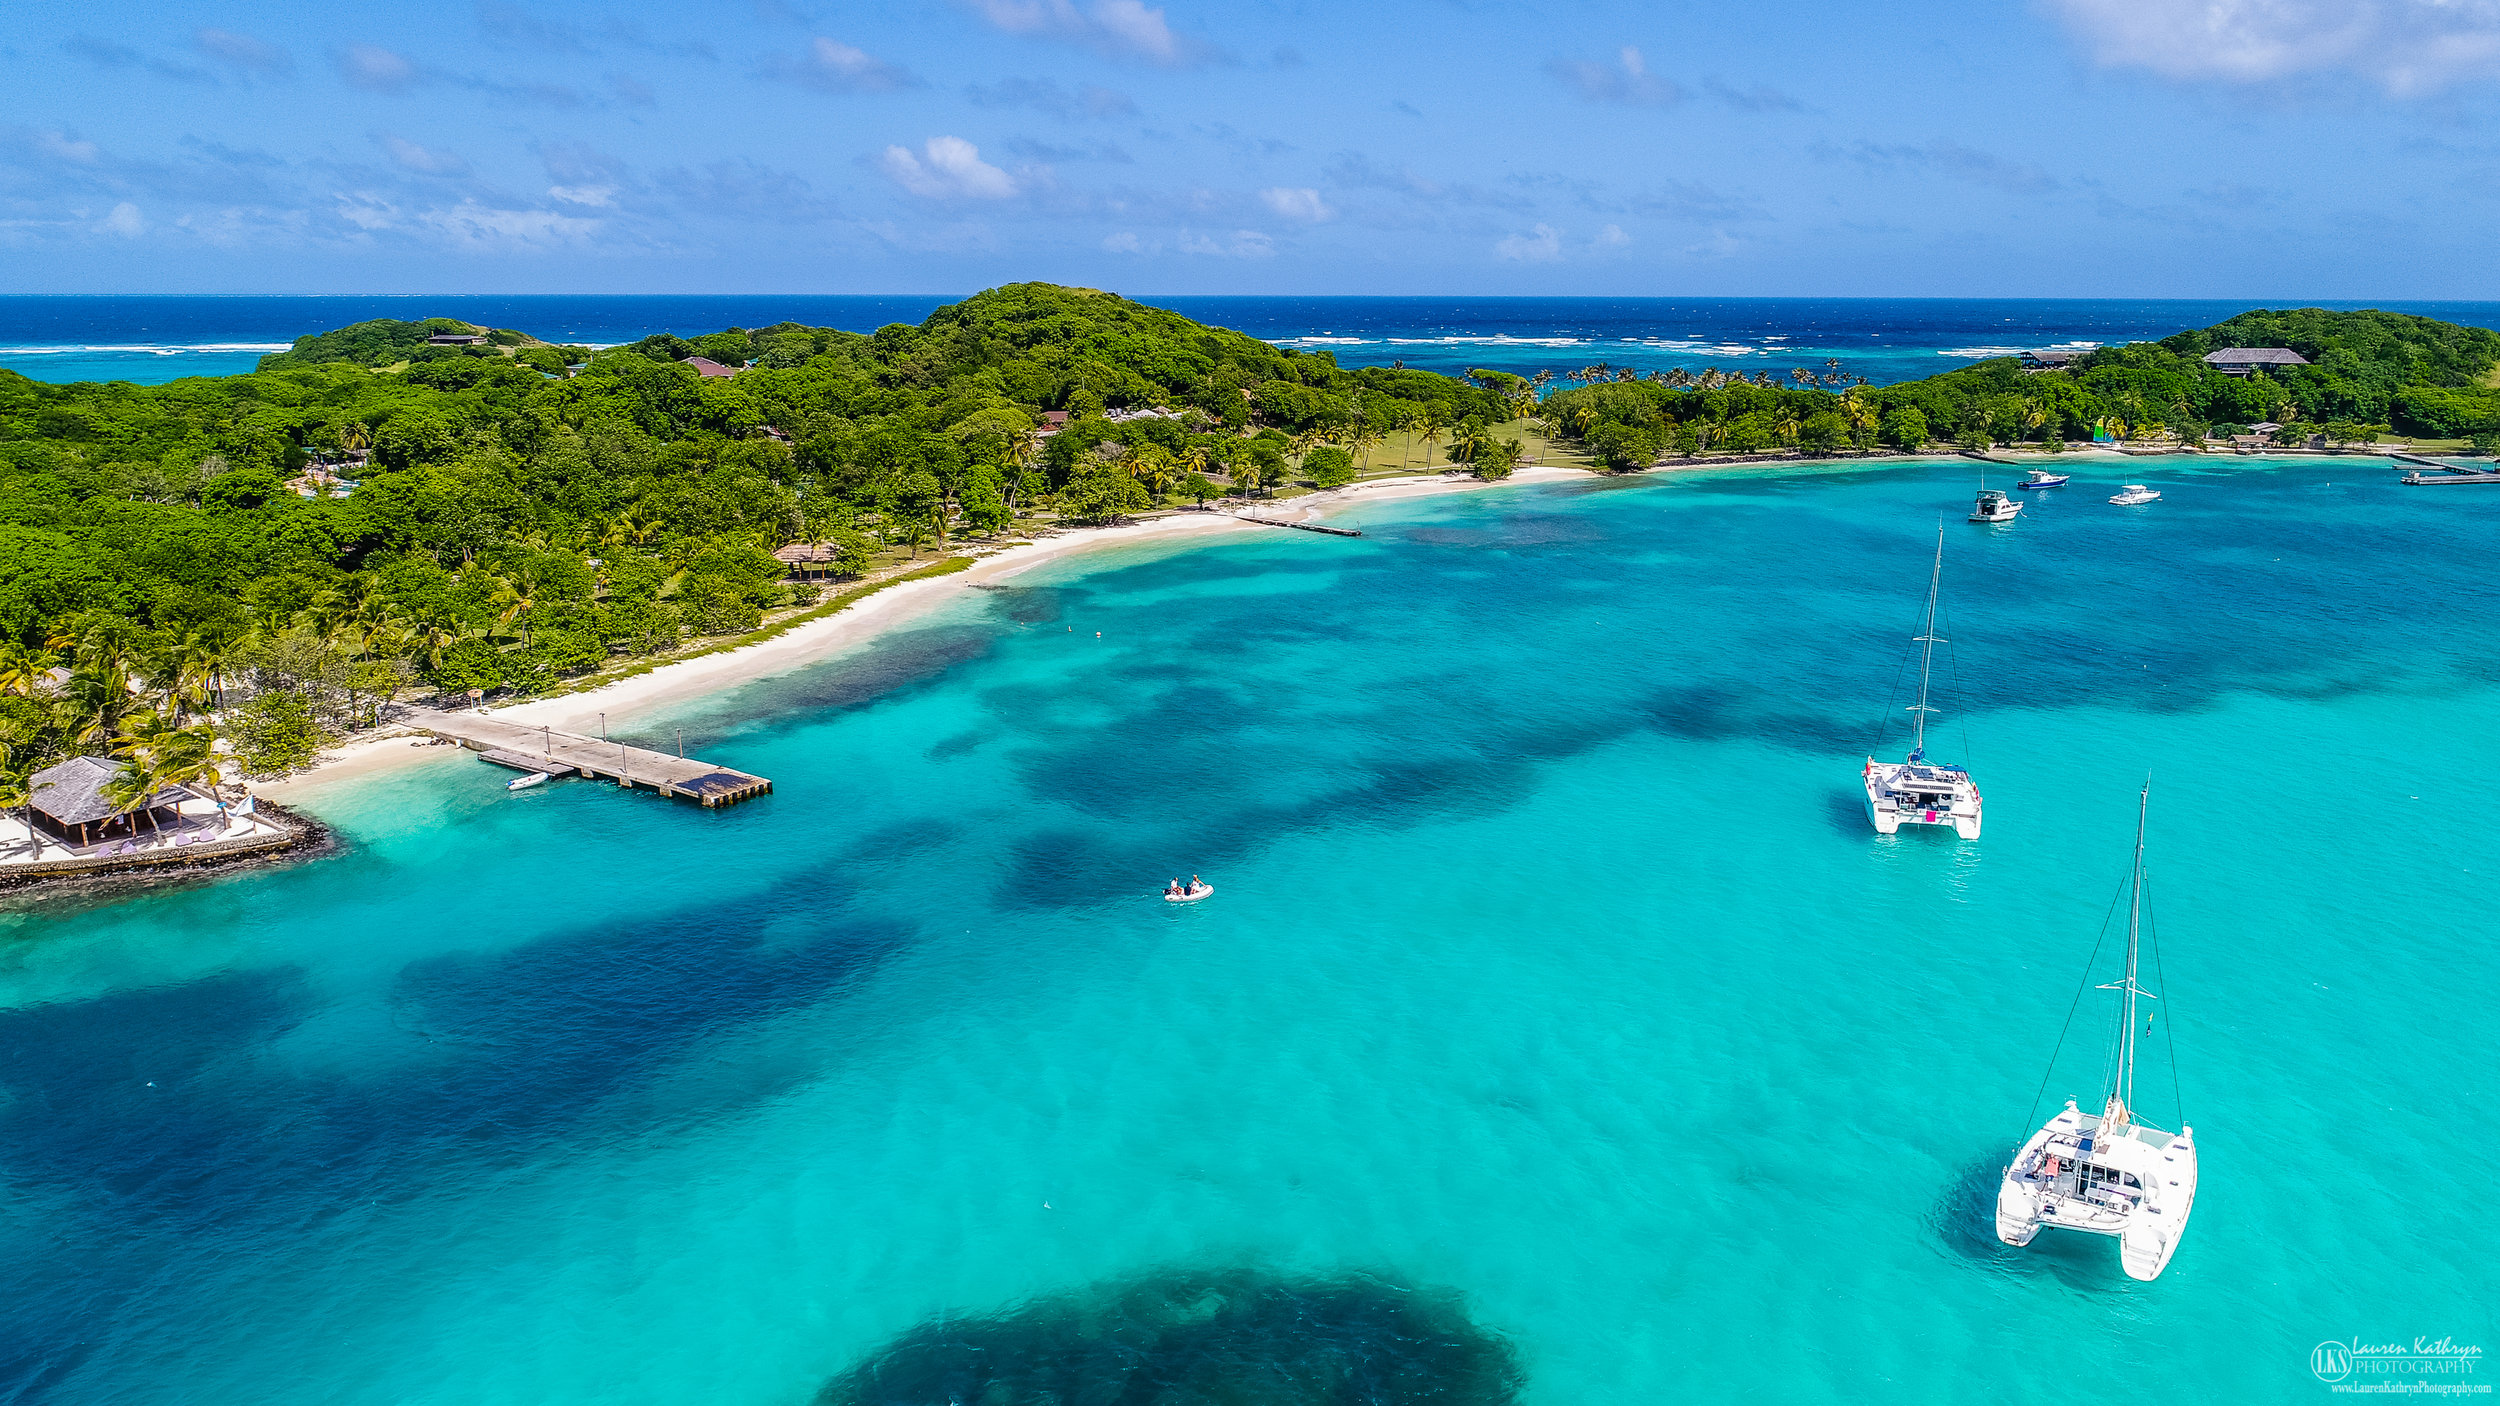 Petit Saint Vincent_Drone_Catamarans Remote Beach.jpg